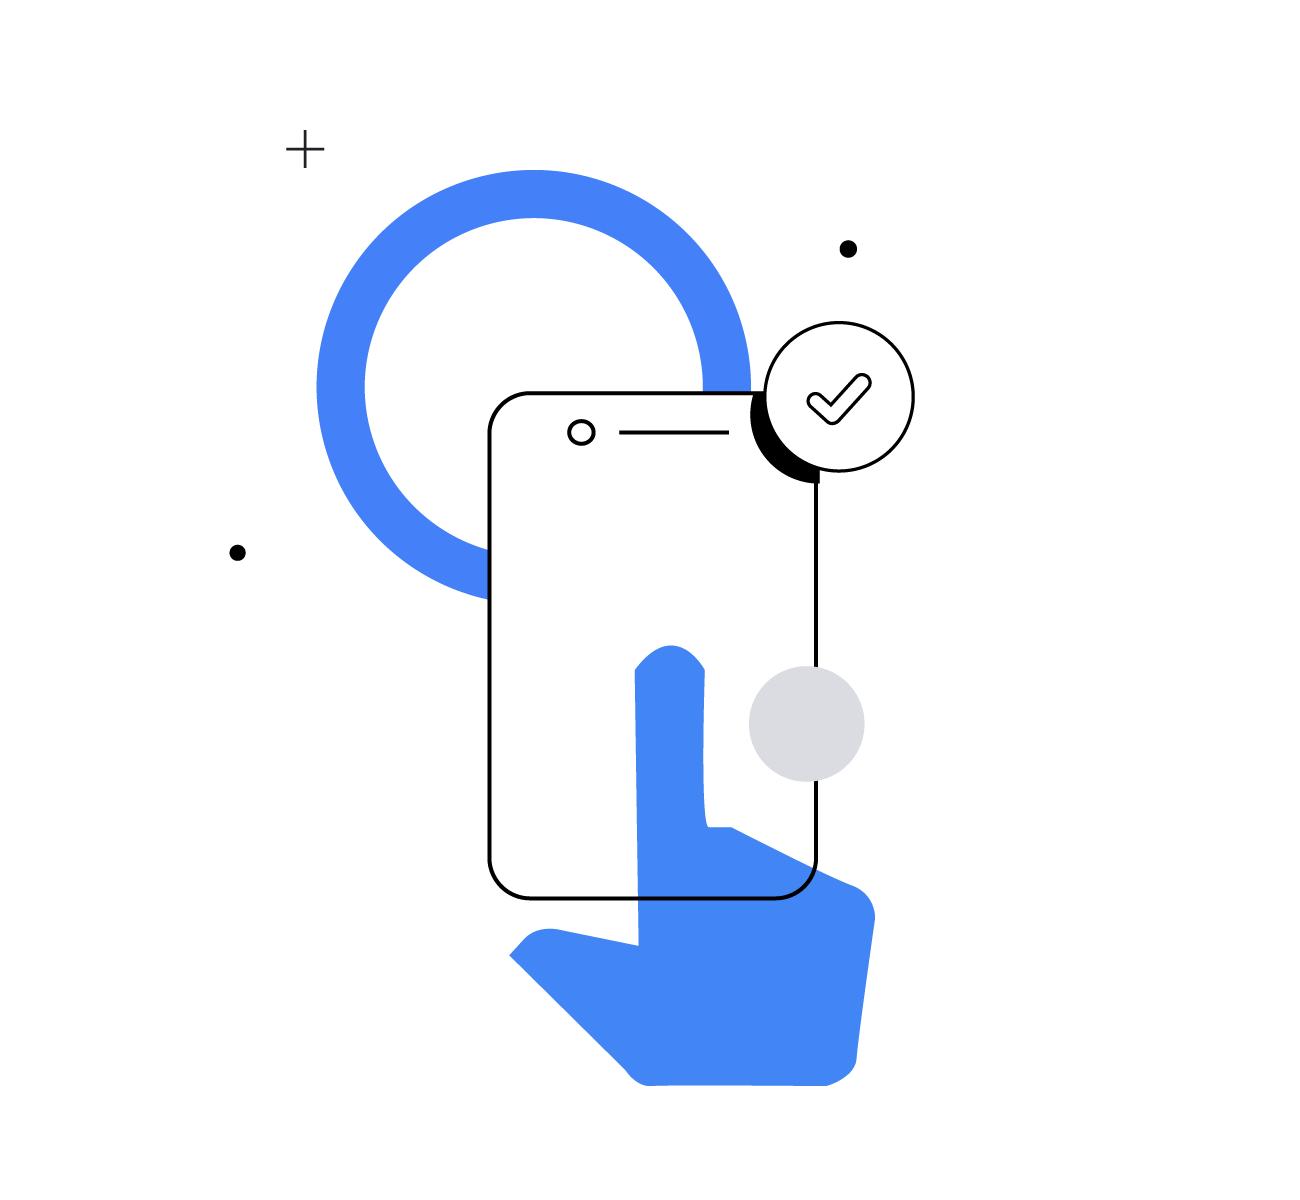 [Google 広告] Apple の iOS 14 App Tracking Transparency に対する Google の対応について